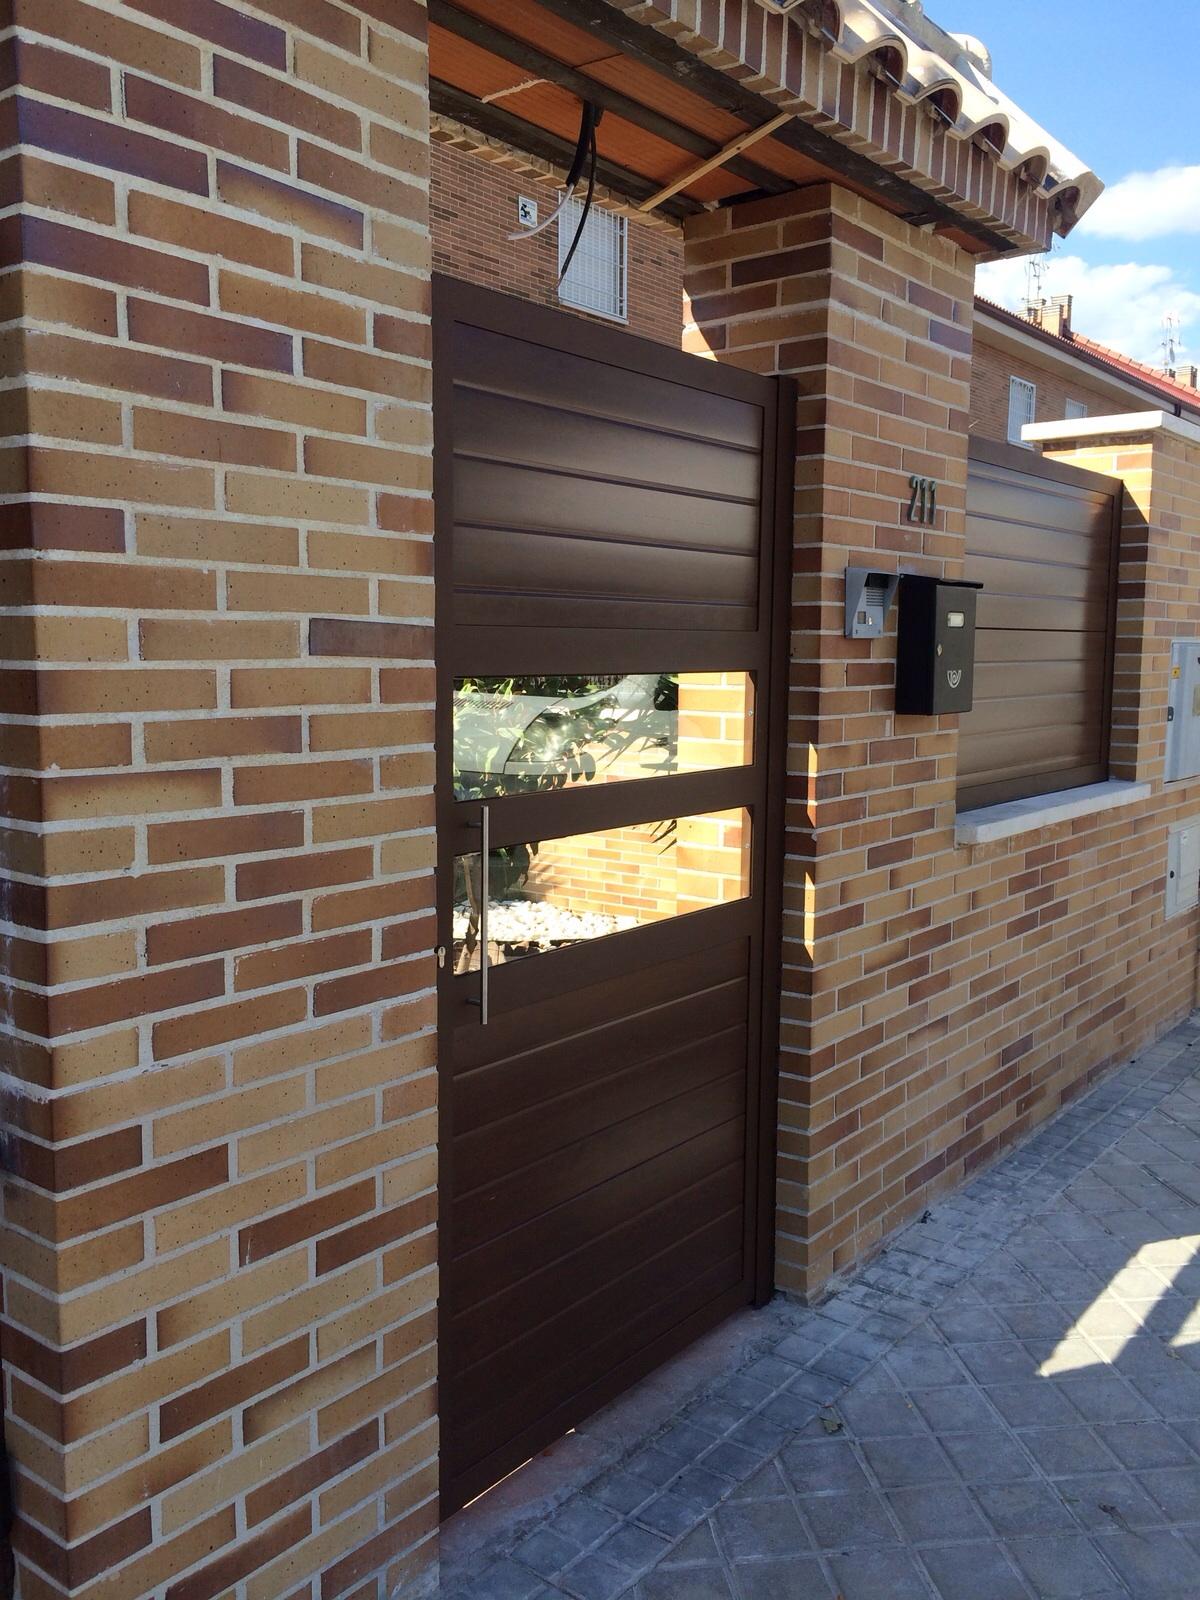 Puertas de aluminio imitacion madera exterior puerta corredera aluminio with puertas de - Imitacion madera exterior ...